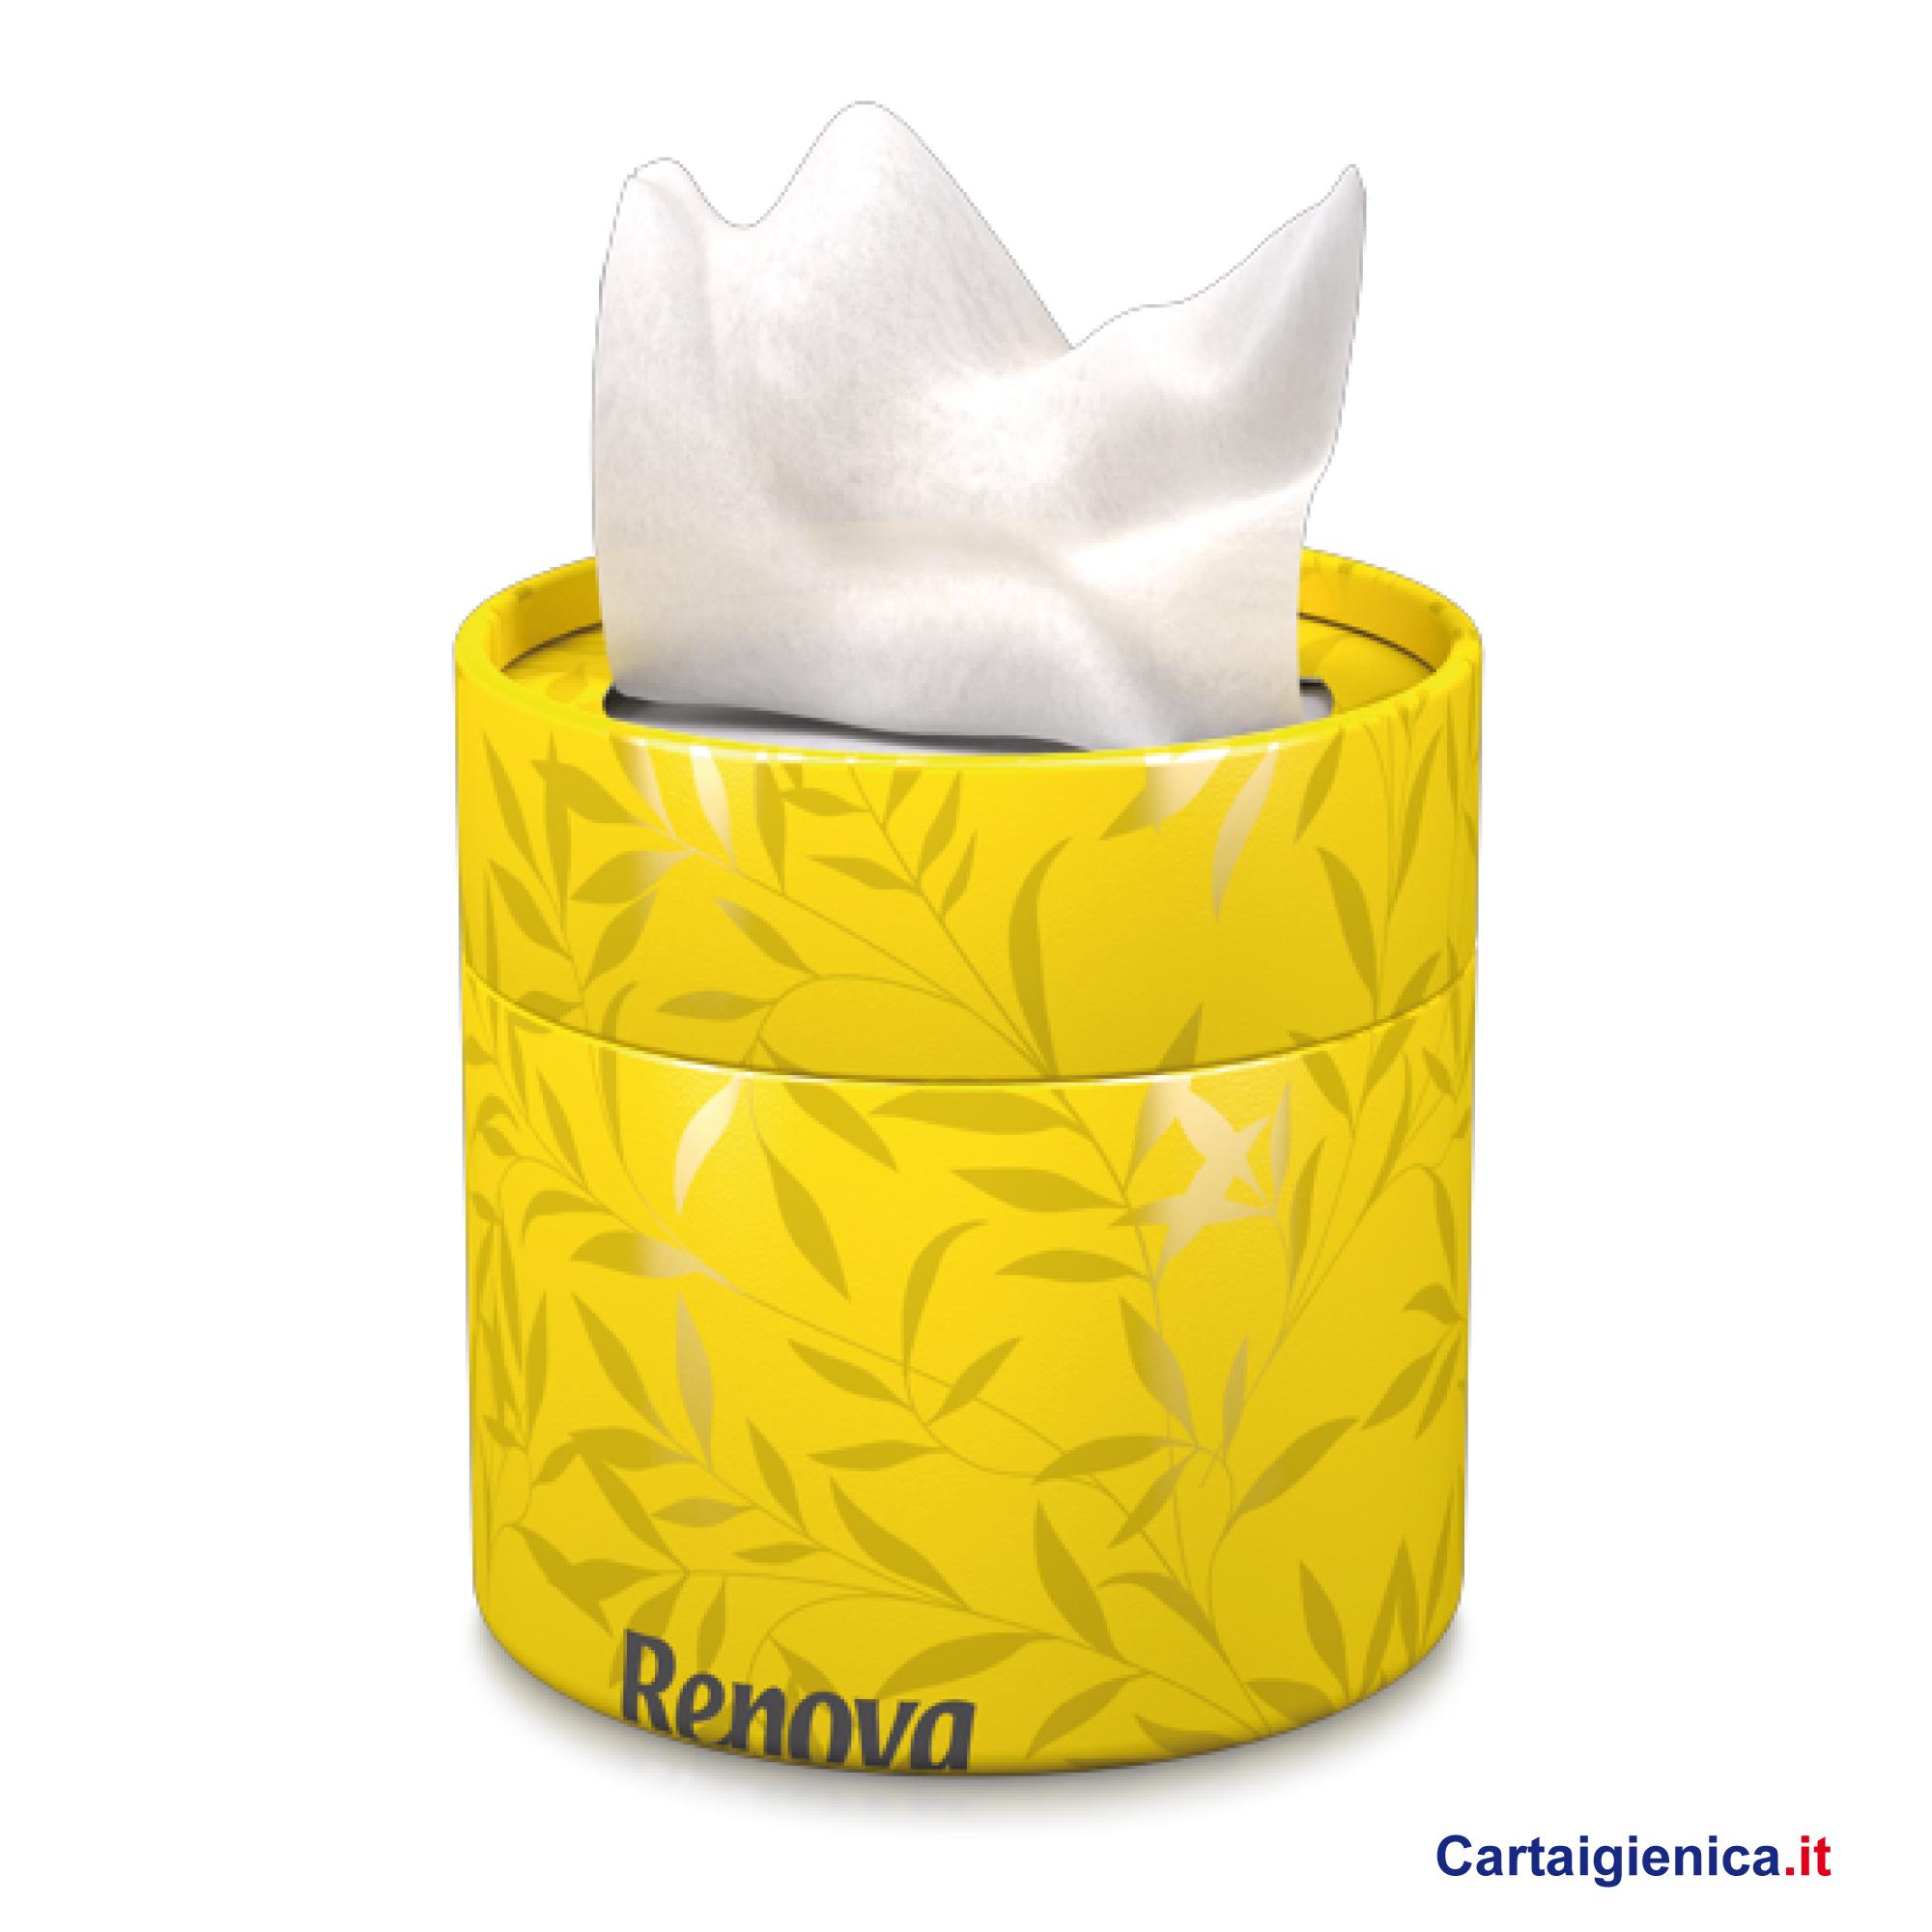 renova fazzoletti veline scatola elegante box giallo idea regalo